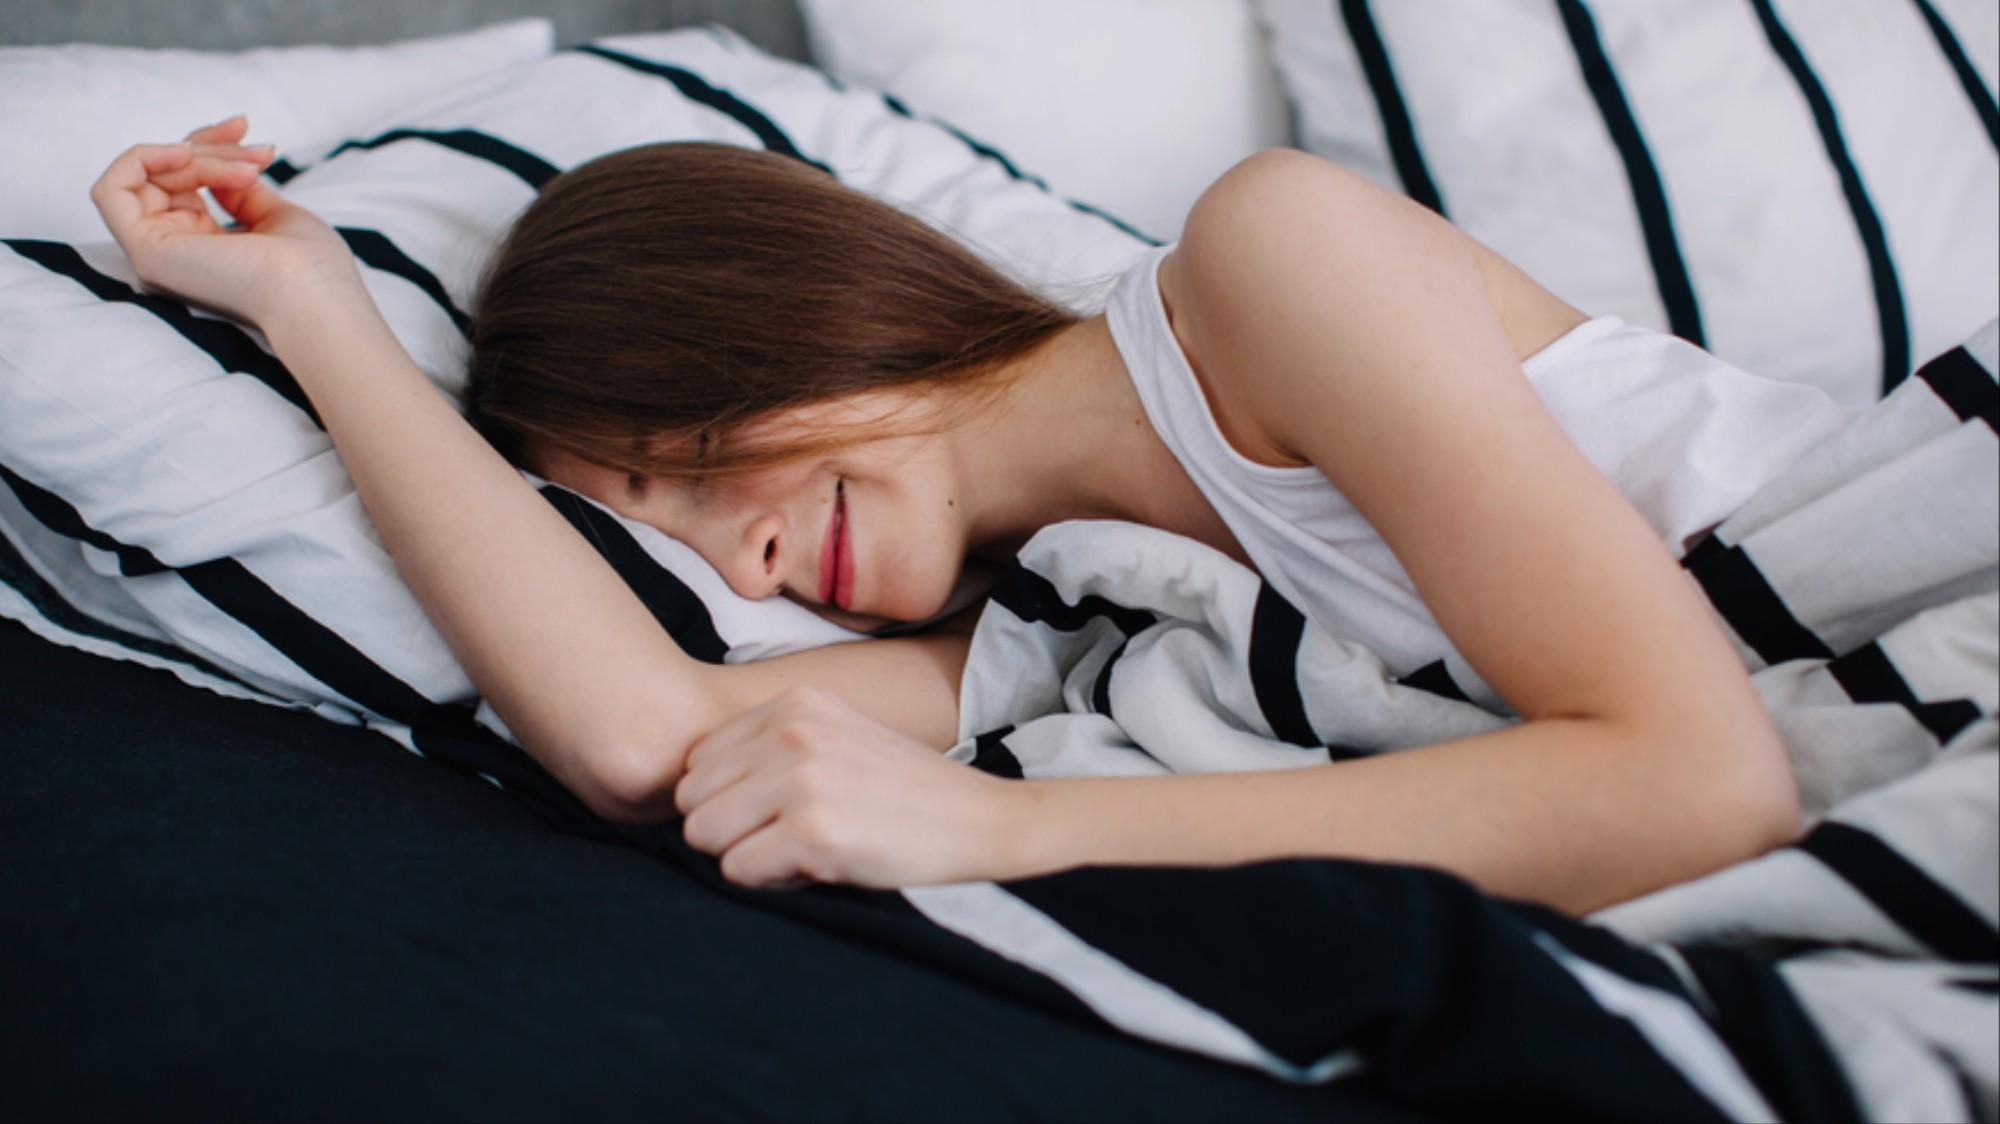 What Your Weird Sex Dreams Actually Mean